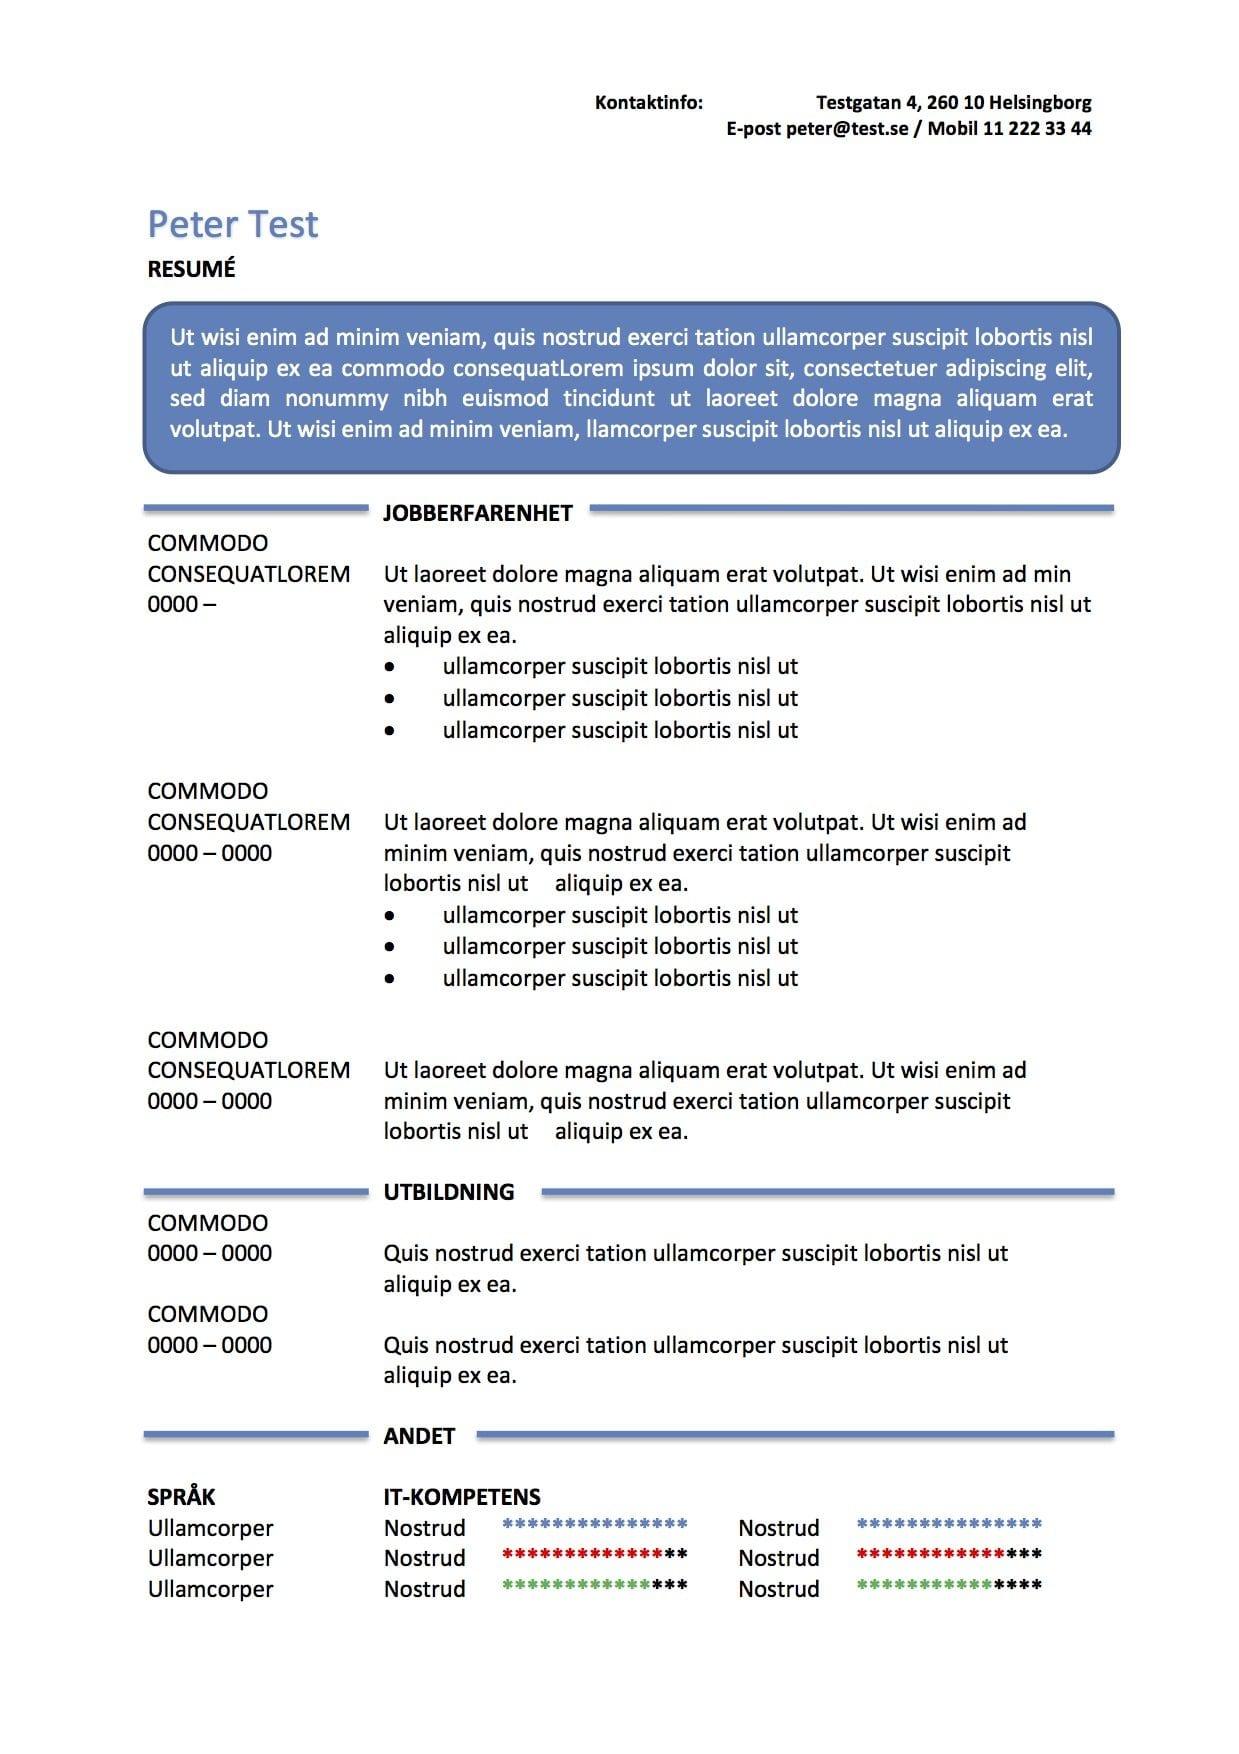 cv mall - resume i textruta - bl u00e5